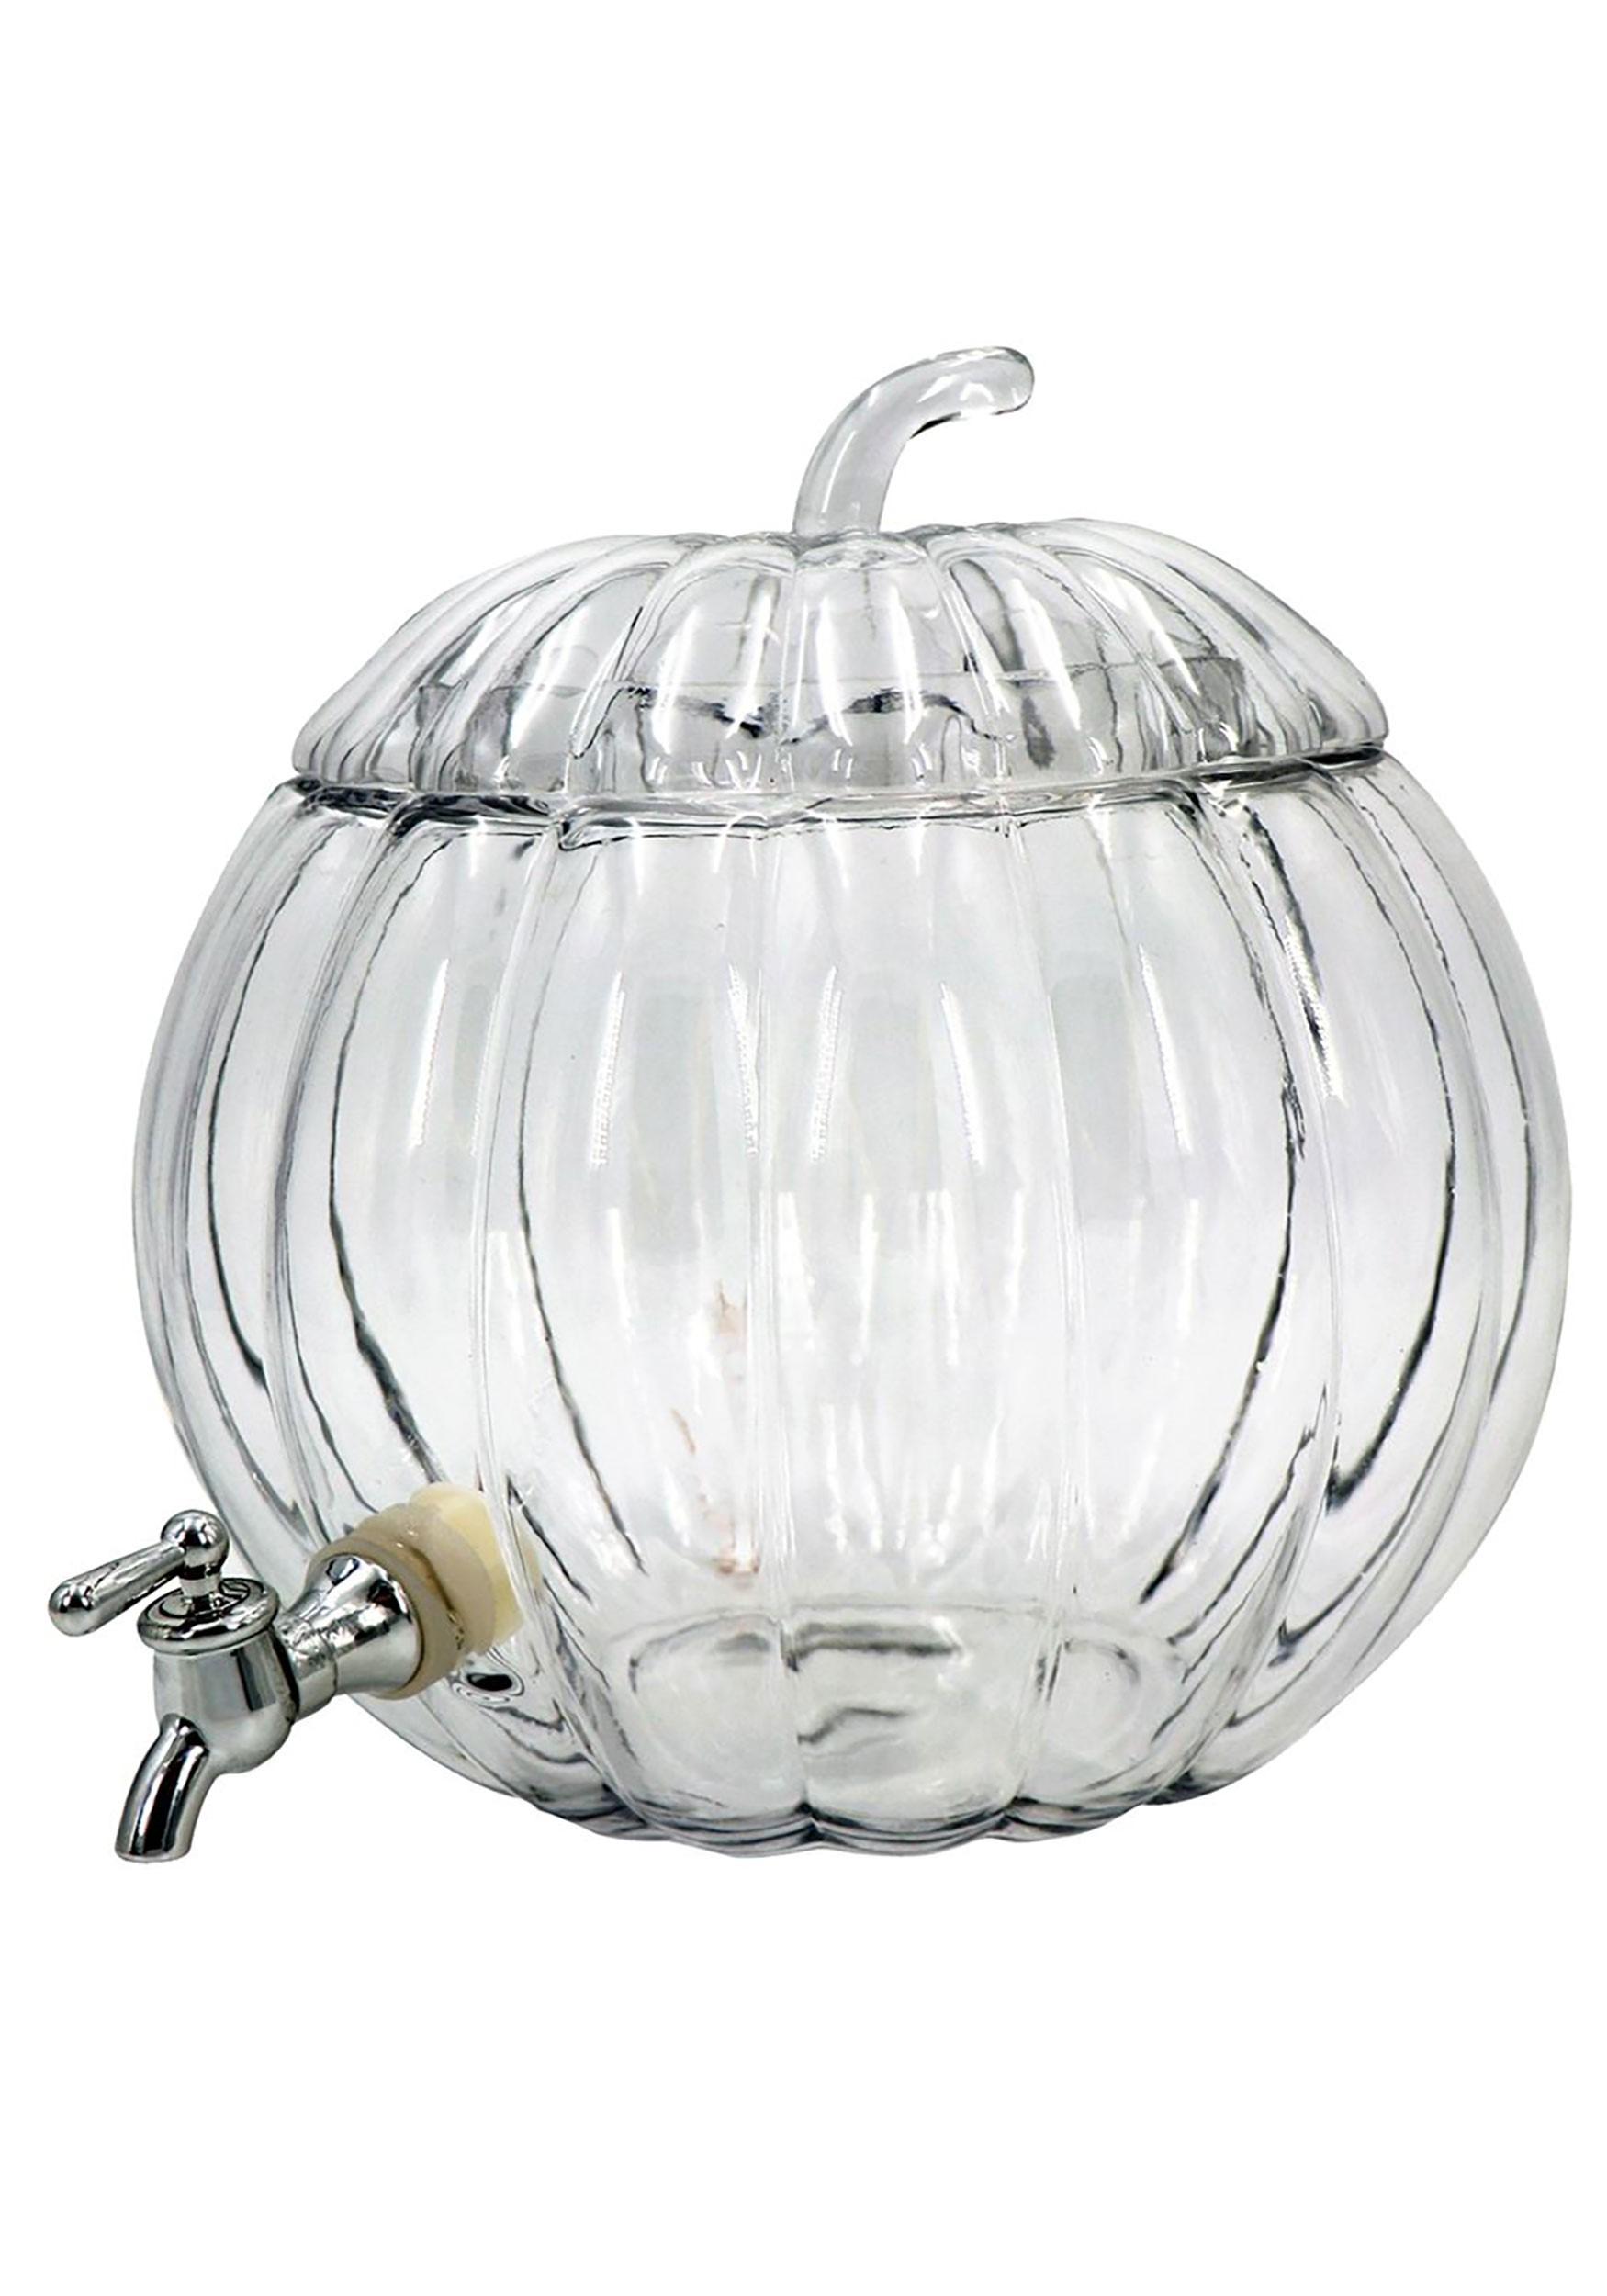 Halloween Decor - 2 Gallon Glass Pumpkin Party Drink Dispenser